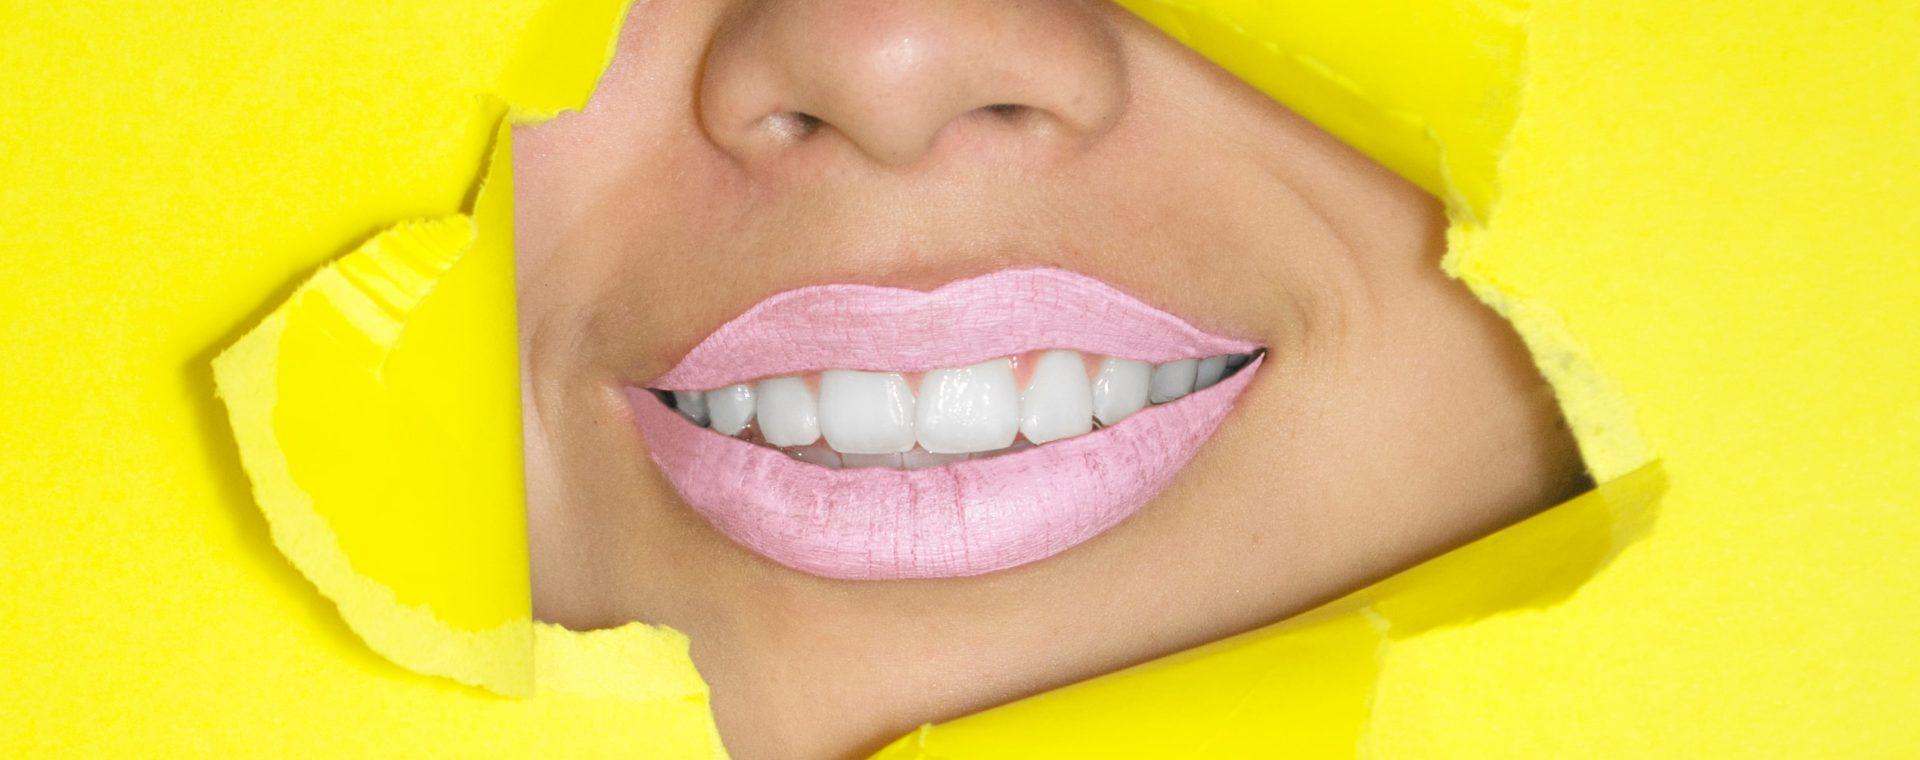 quel est l'avenir de nos dents après 50 ans